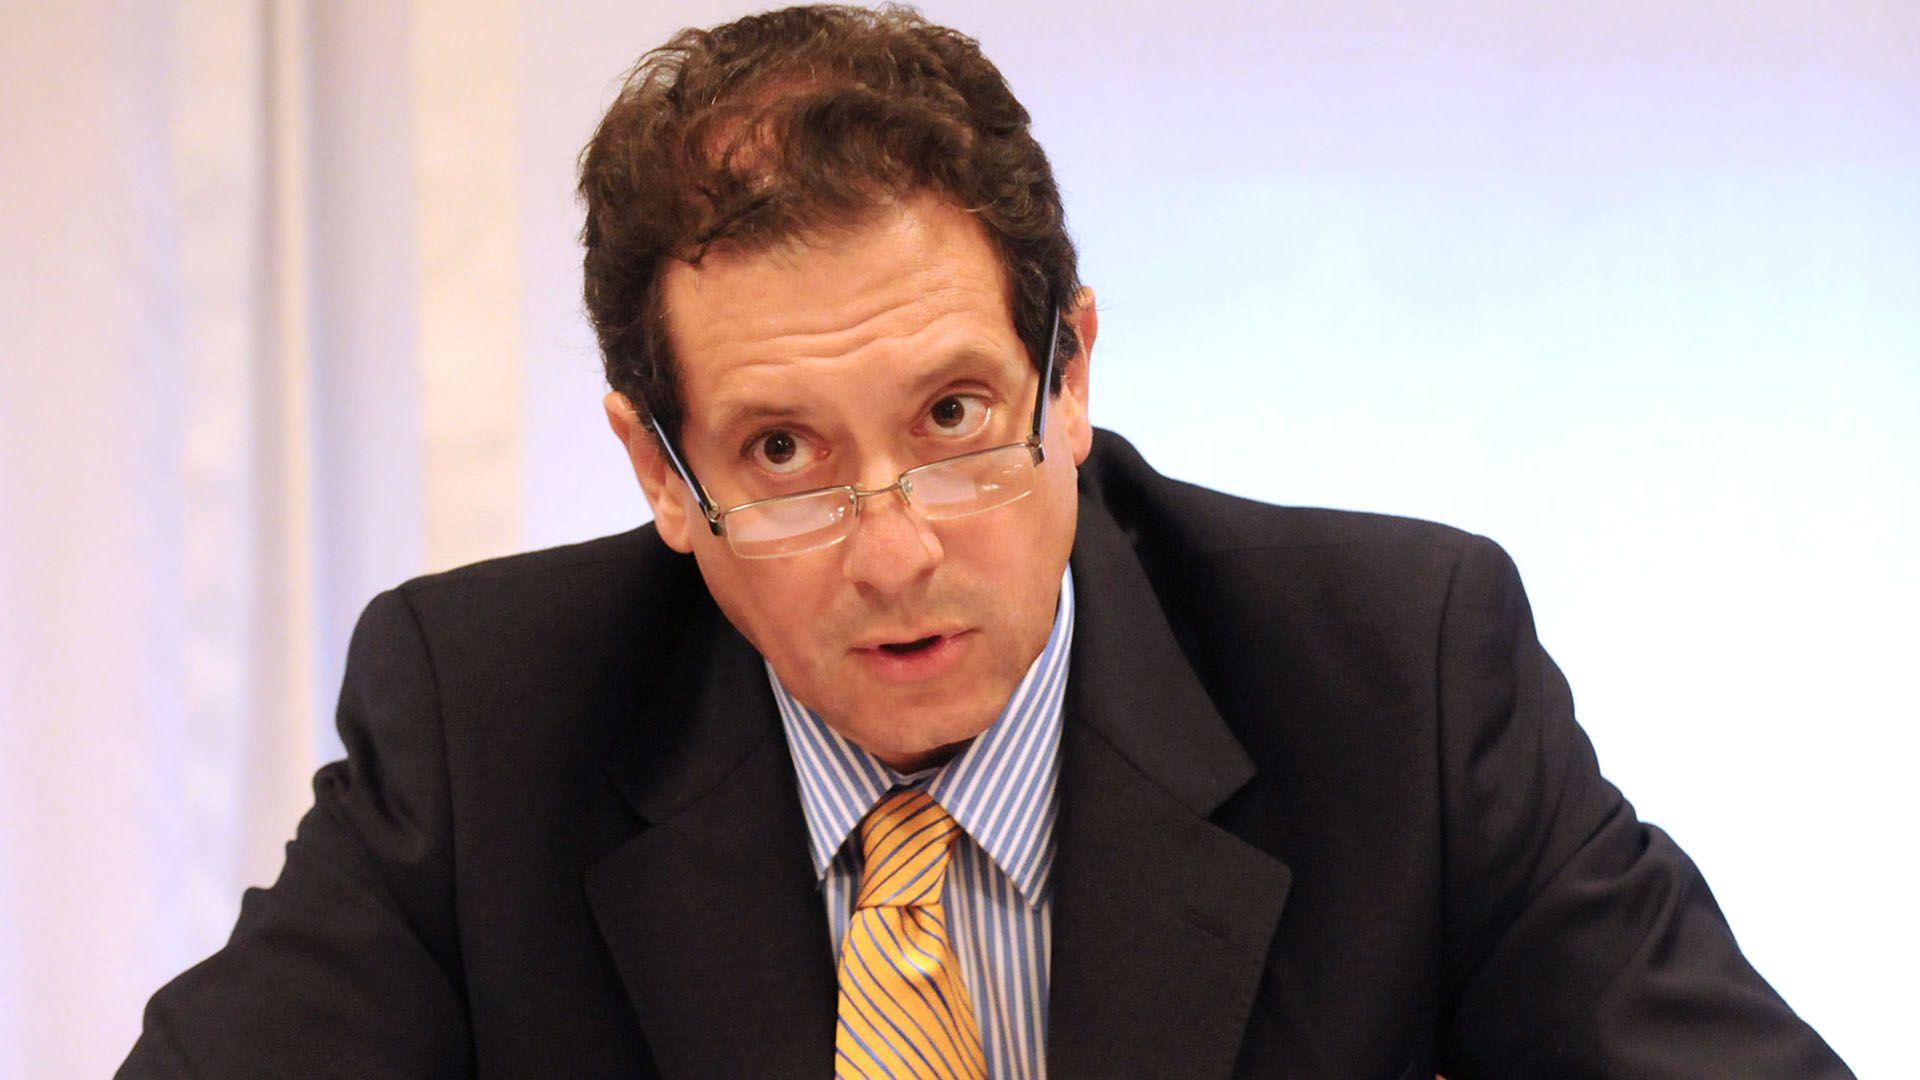 Miguel Pesce, presidente del BCRA, El Central dispone el sistema de turnos teniendo en cuenta el que administra Vanoli desde la Anses  (NA)